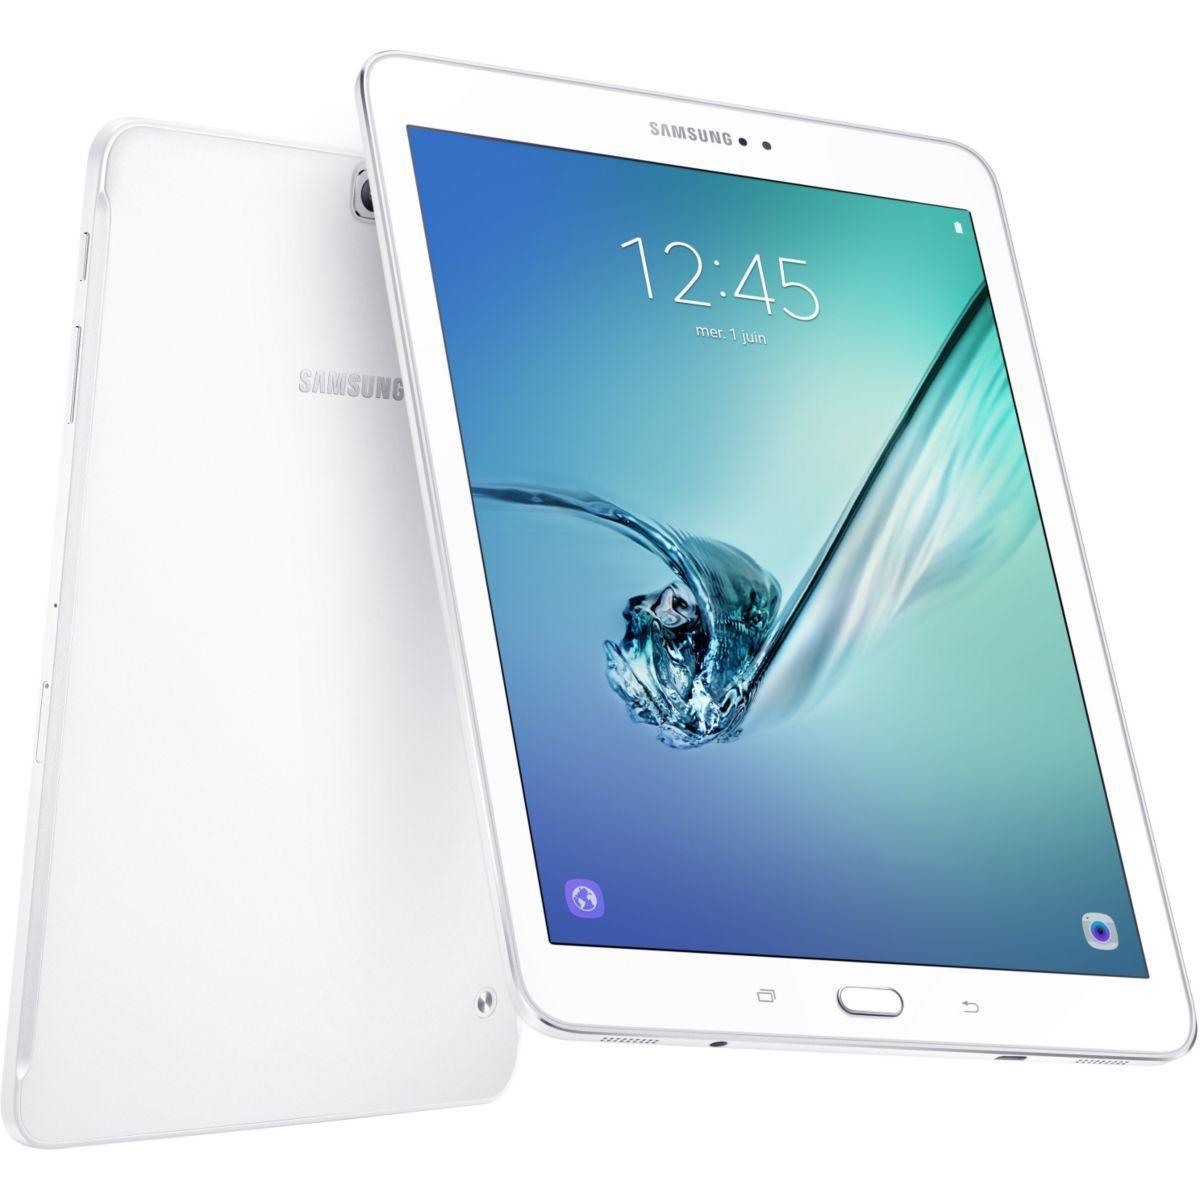 Galaxy Tab S2 (2015) - Wi-Fi + Cellular